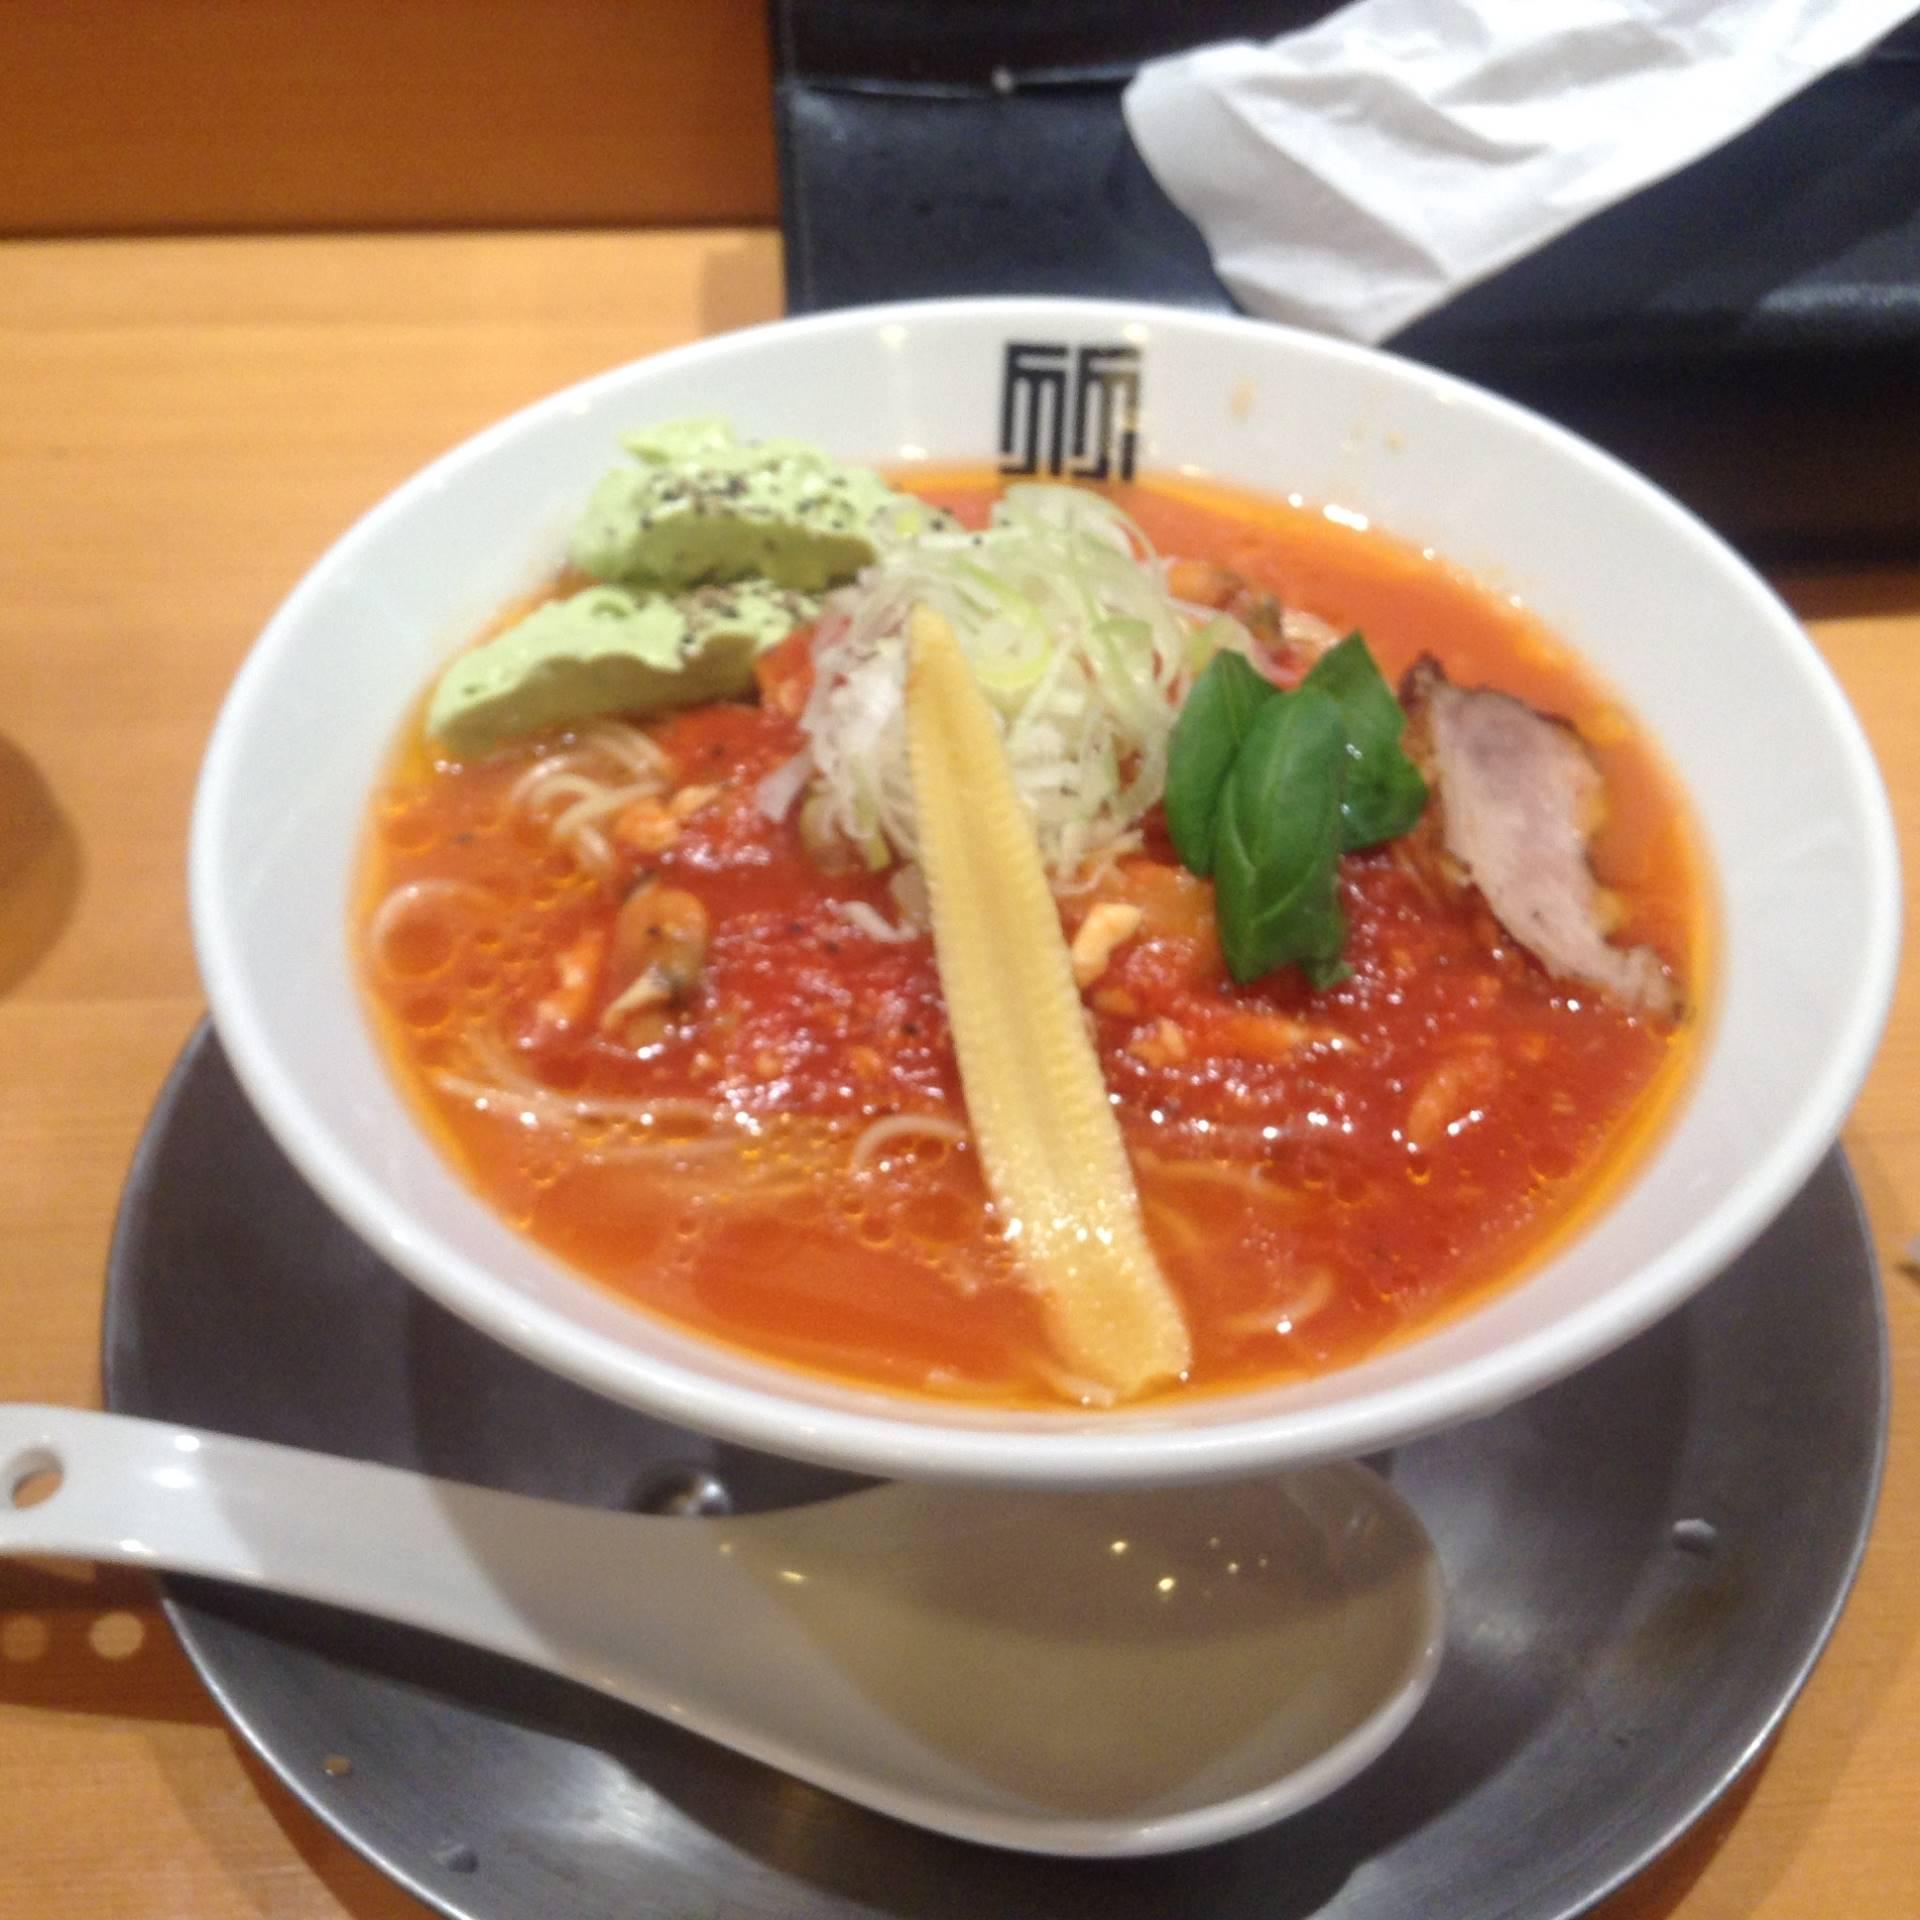 竹末東京プレアミアムの限定麺冷やし10ma10(トマト)そば